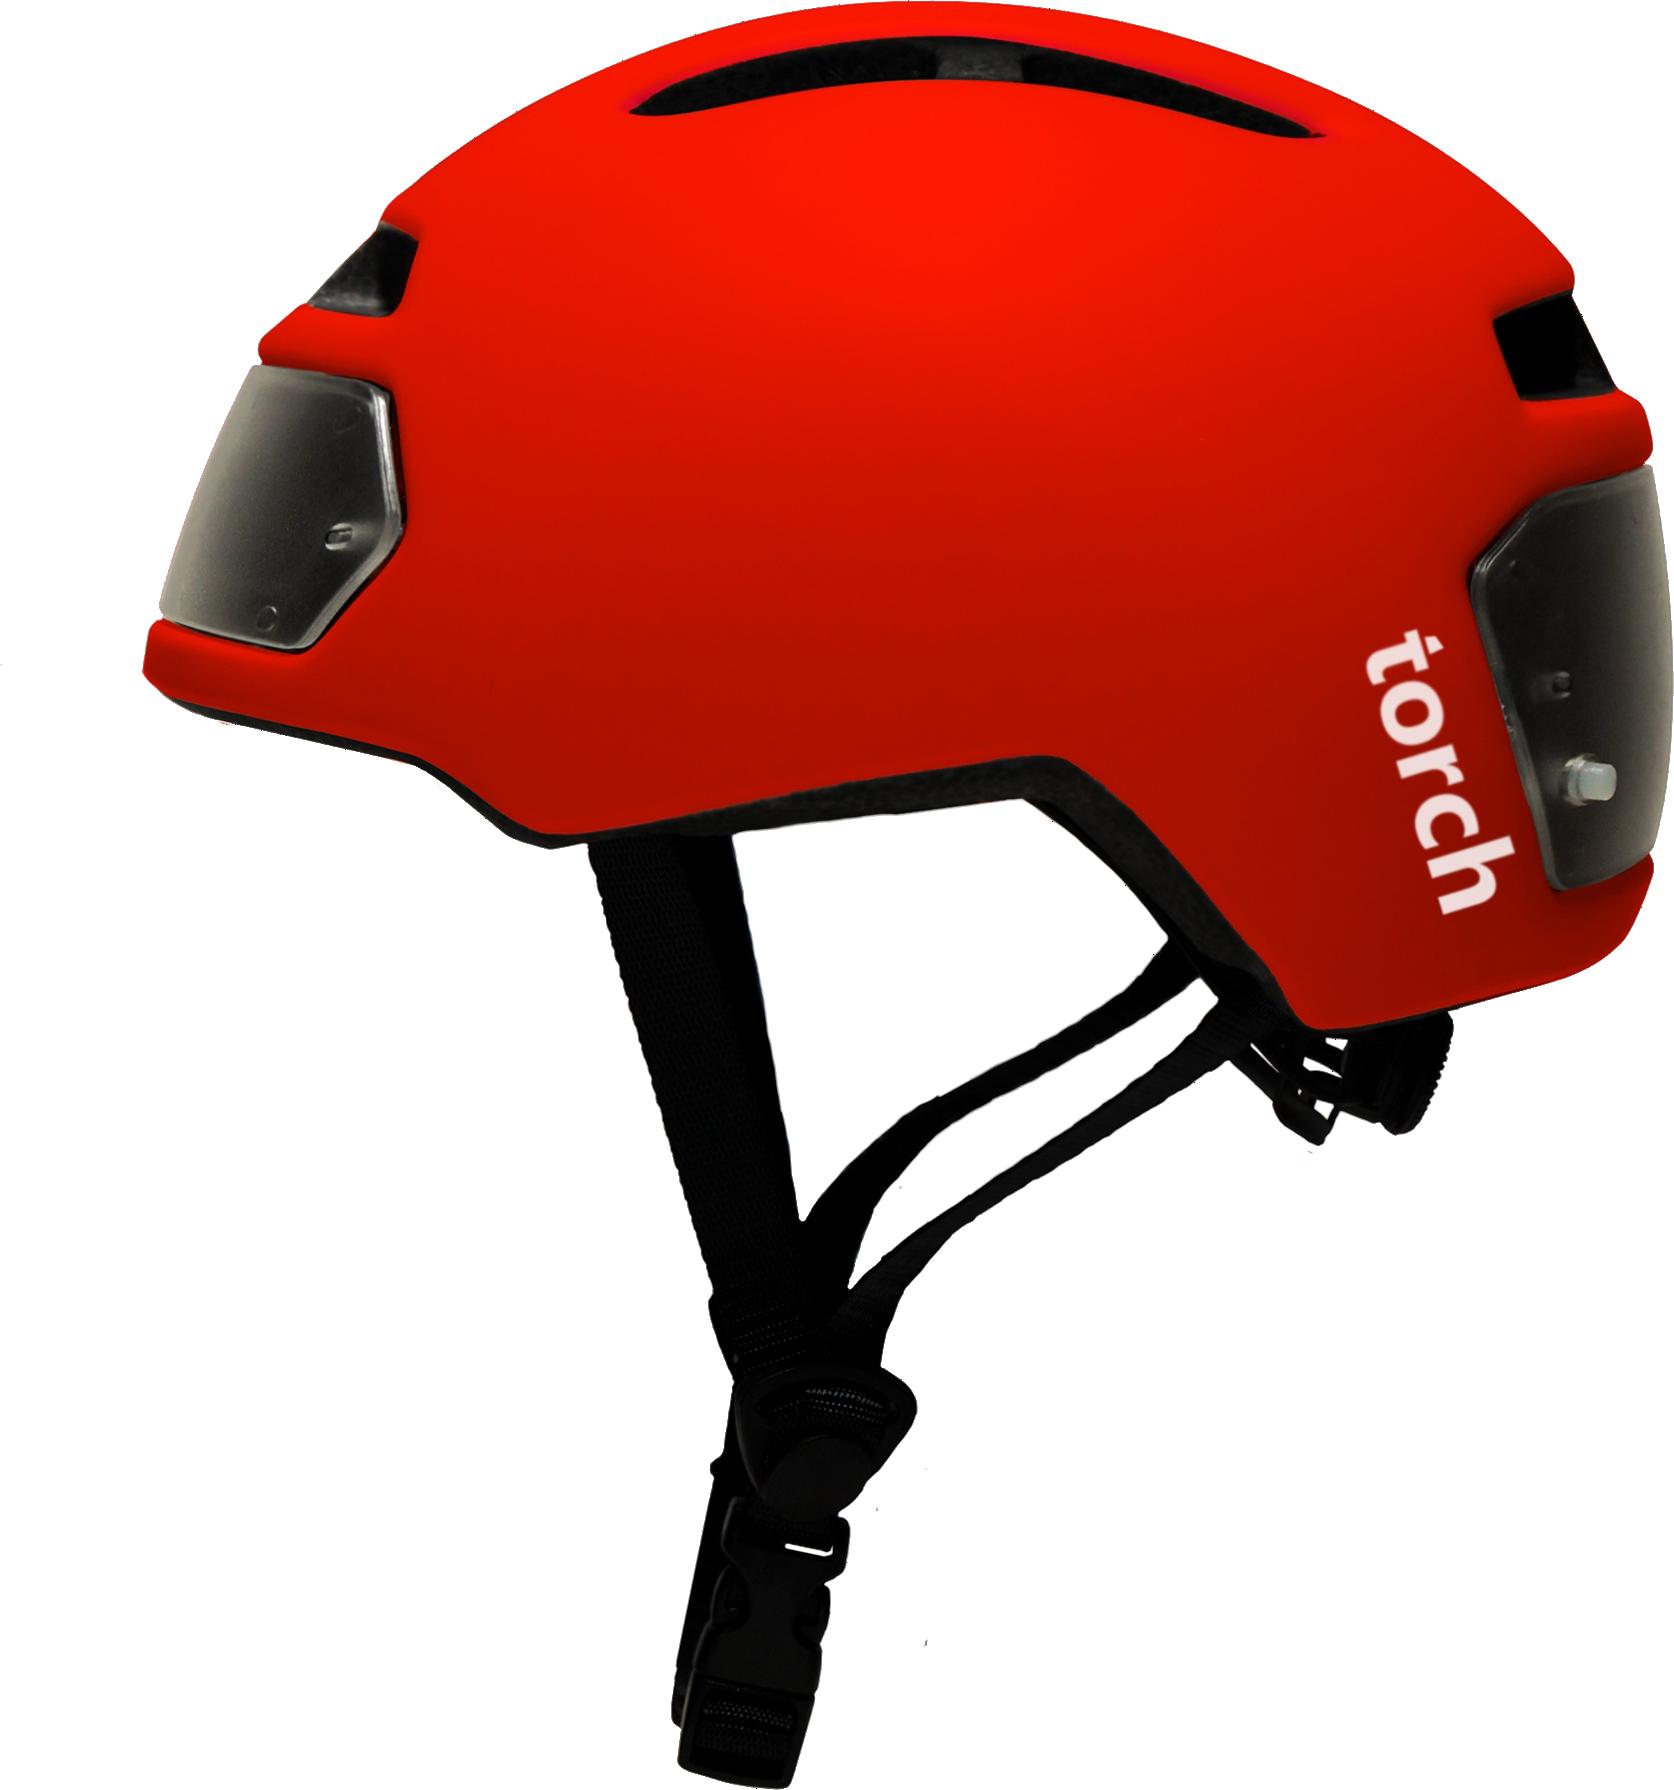 Bicycle helmets PNG images free download, bicycle helmet PNG.